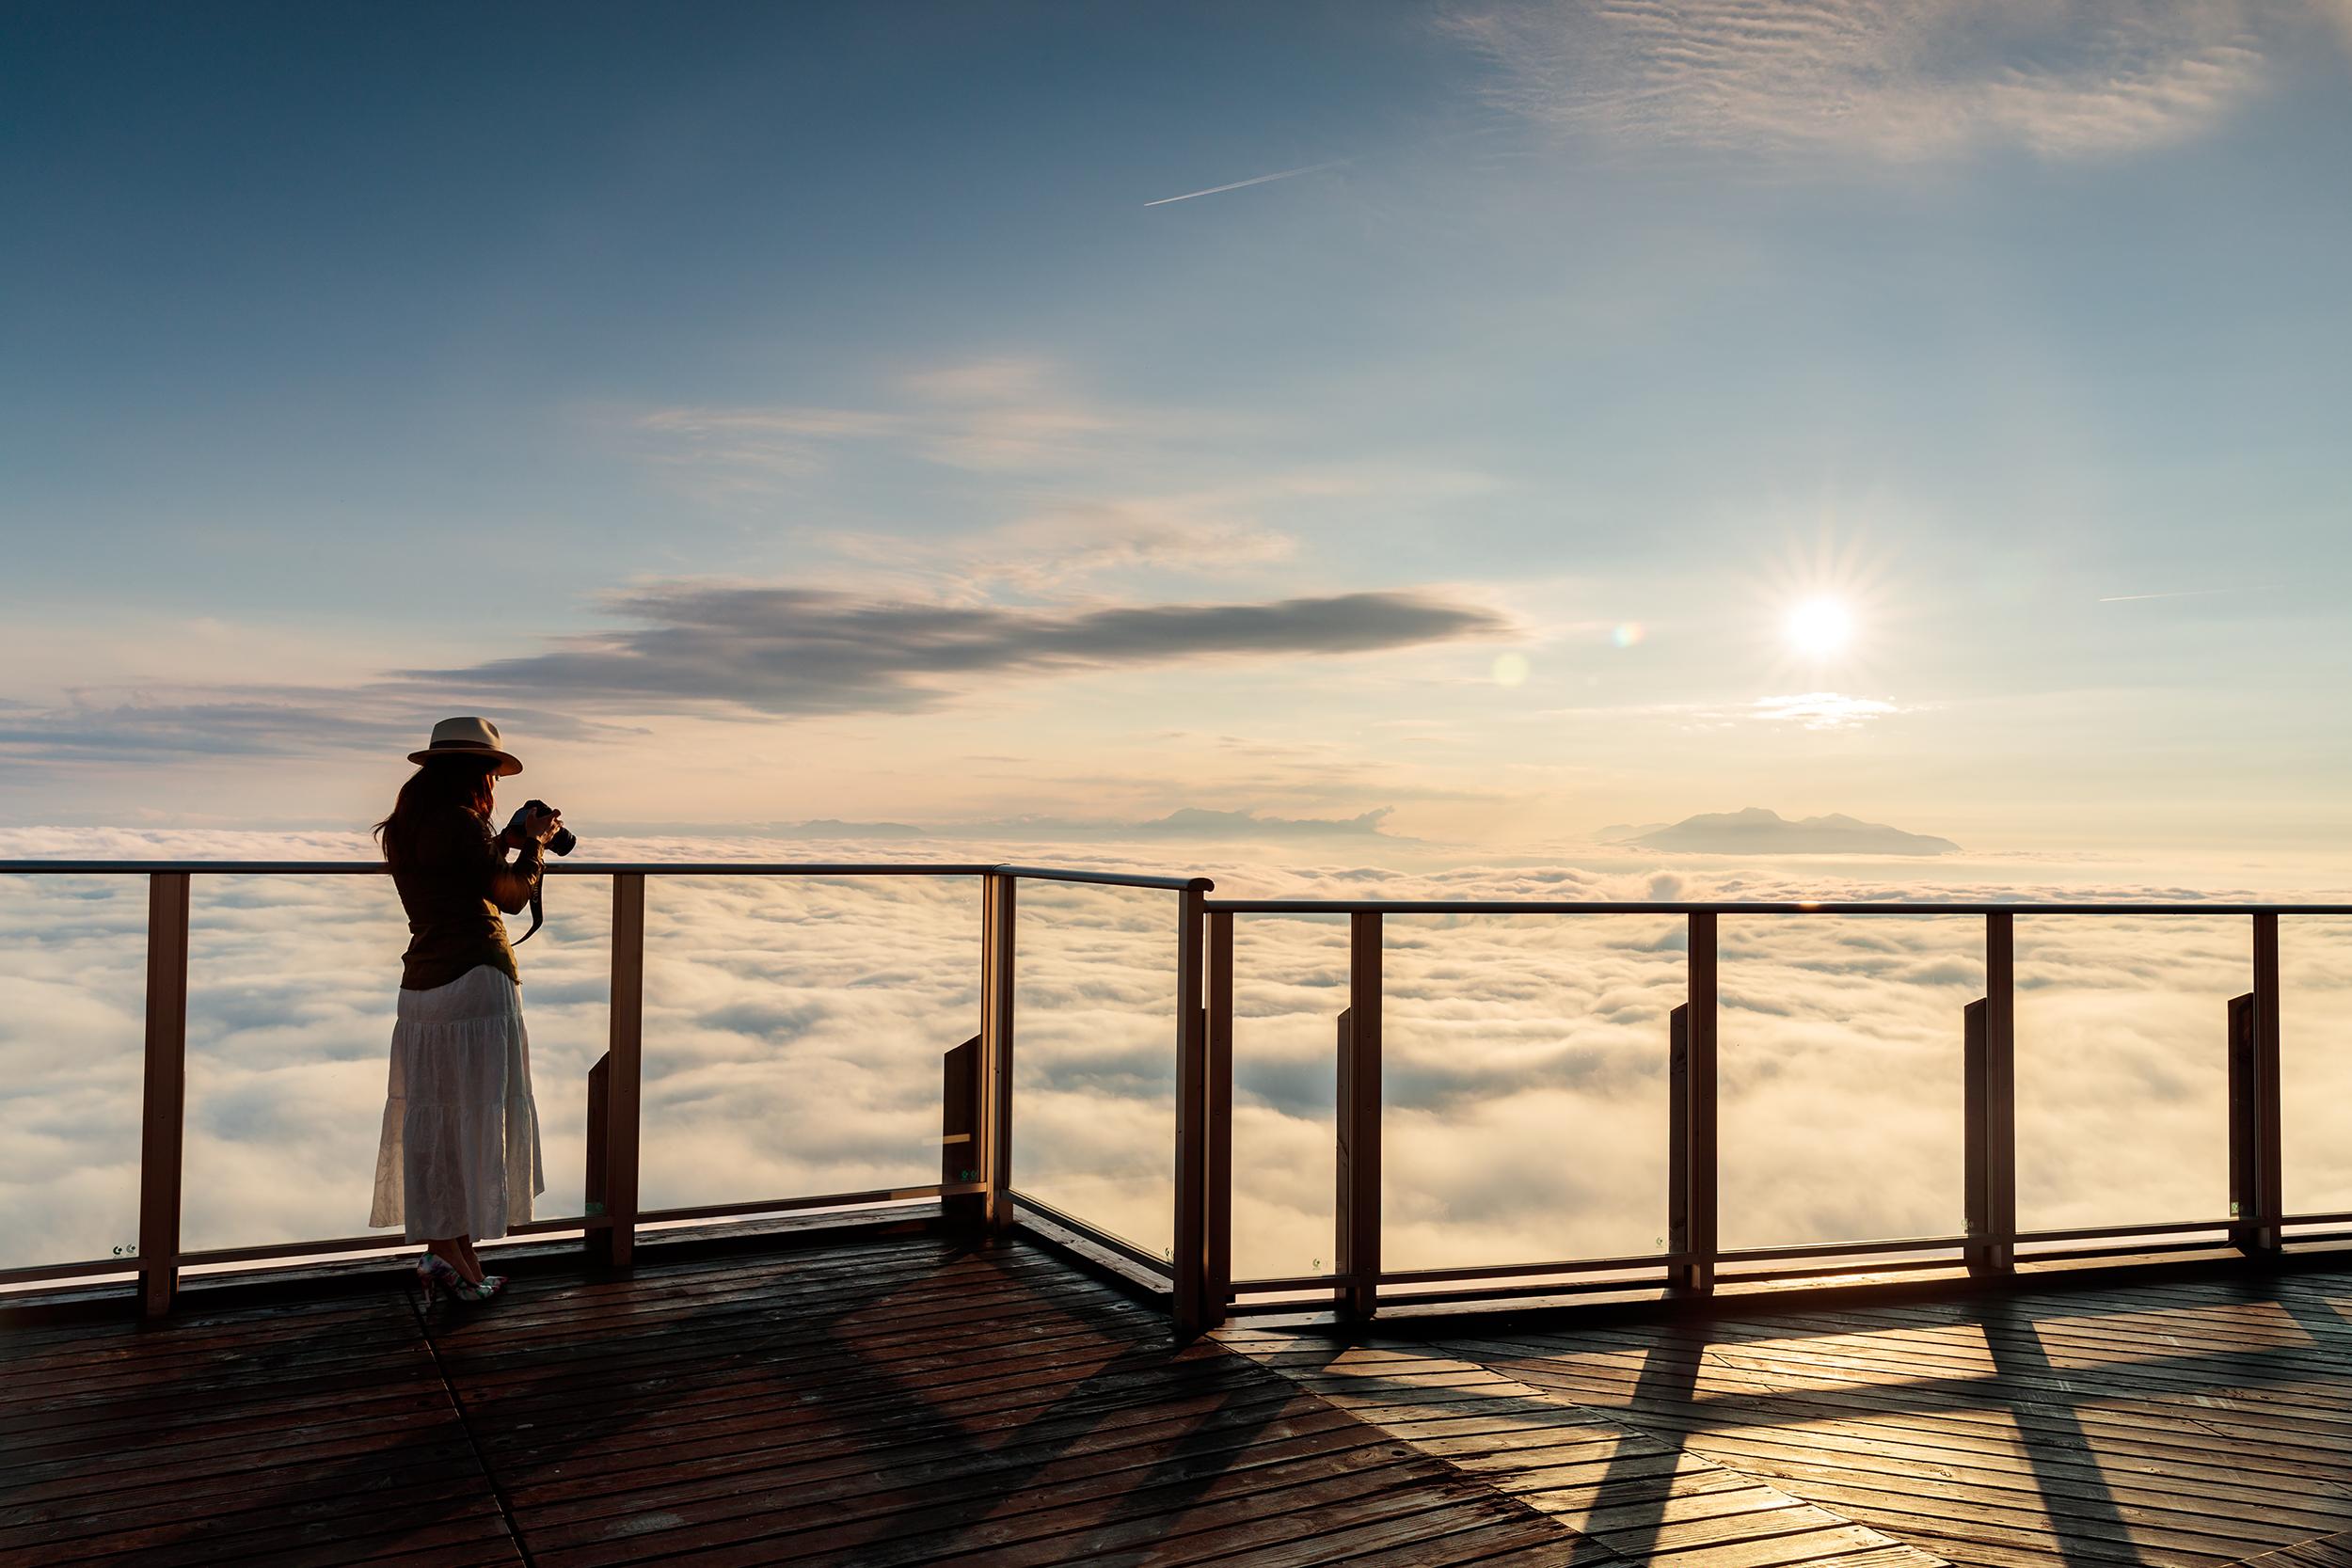 異次元の世界を満喫!竜王マウンテンパーク SORA terraceをご紹介!